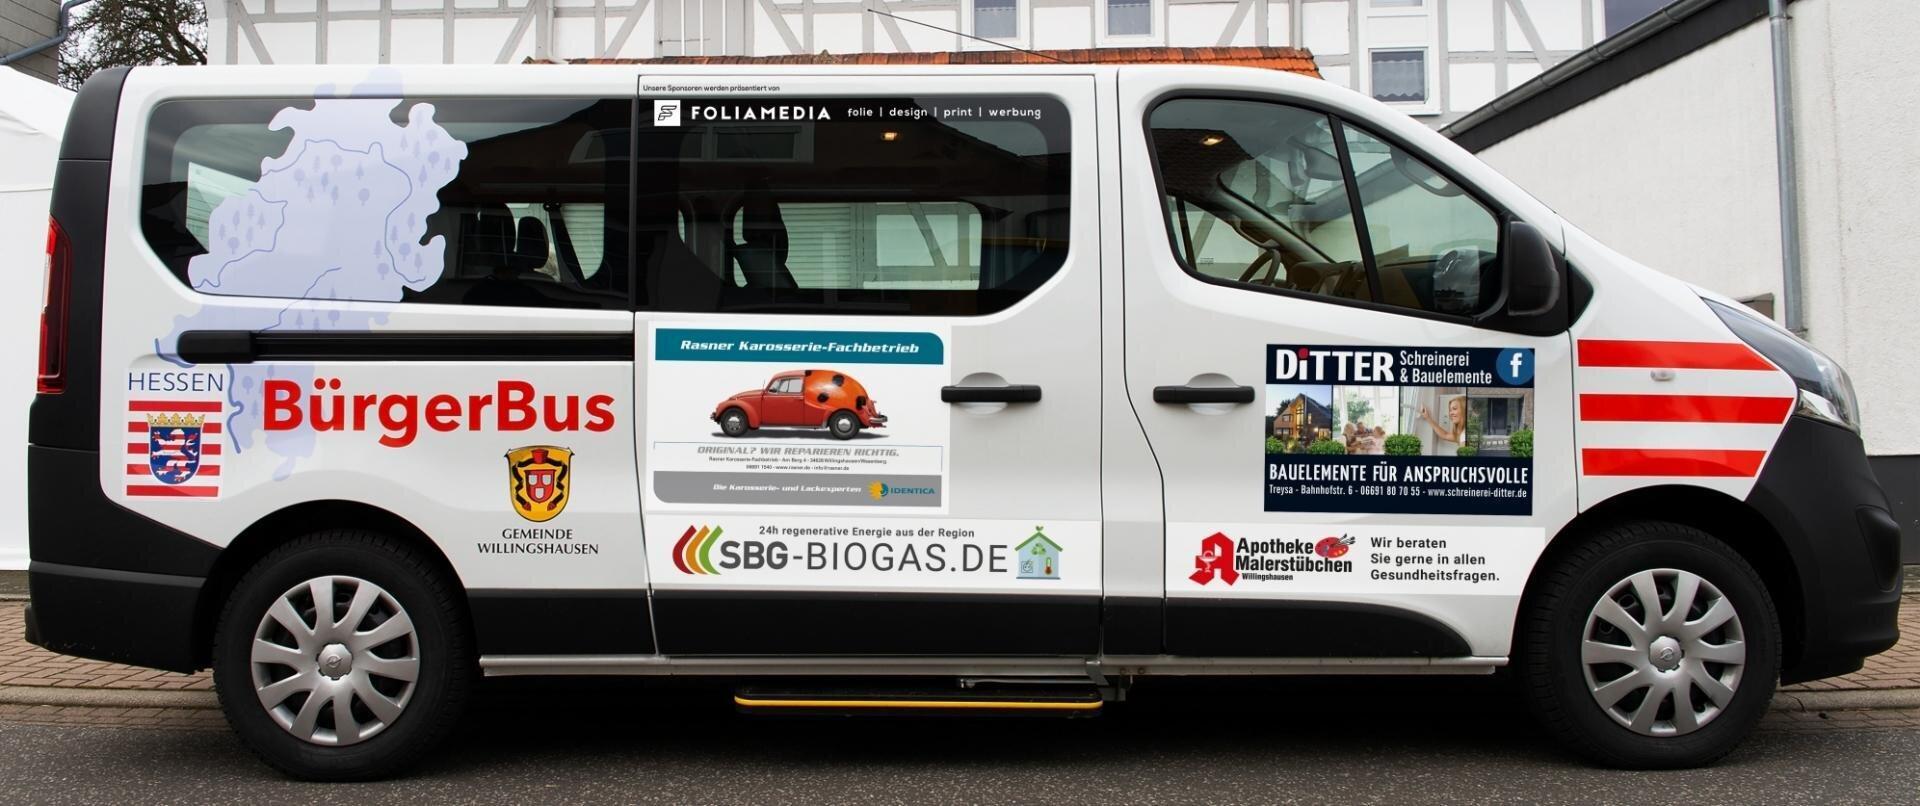 B_rgerbus_3